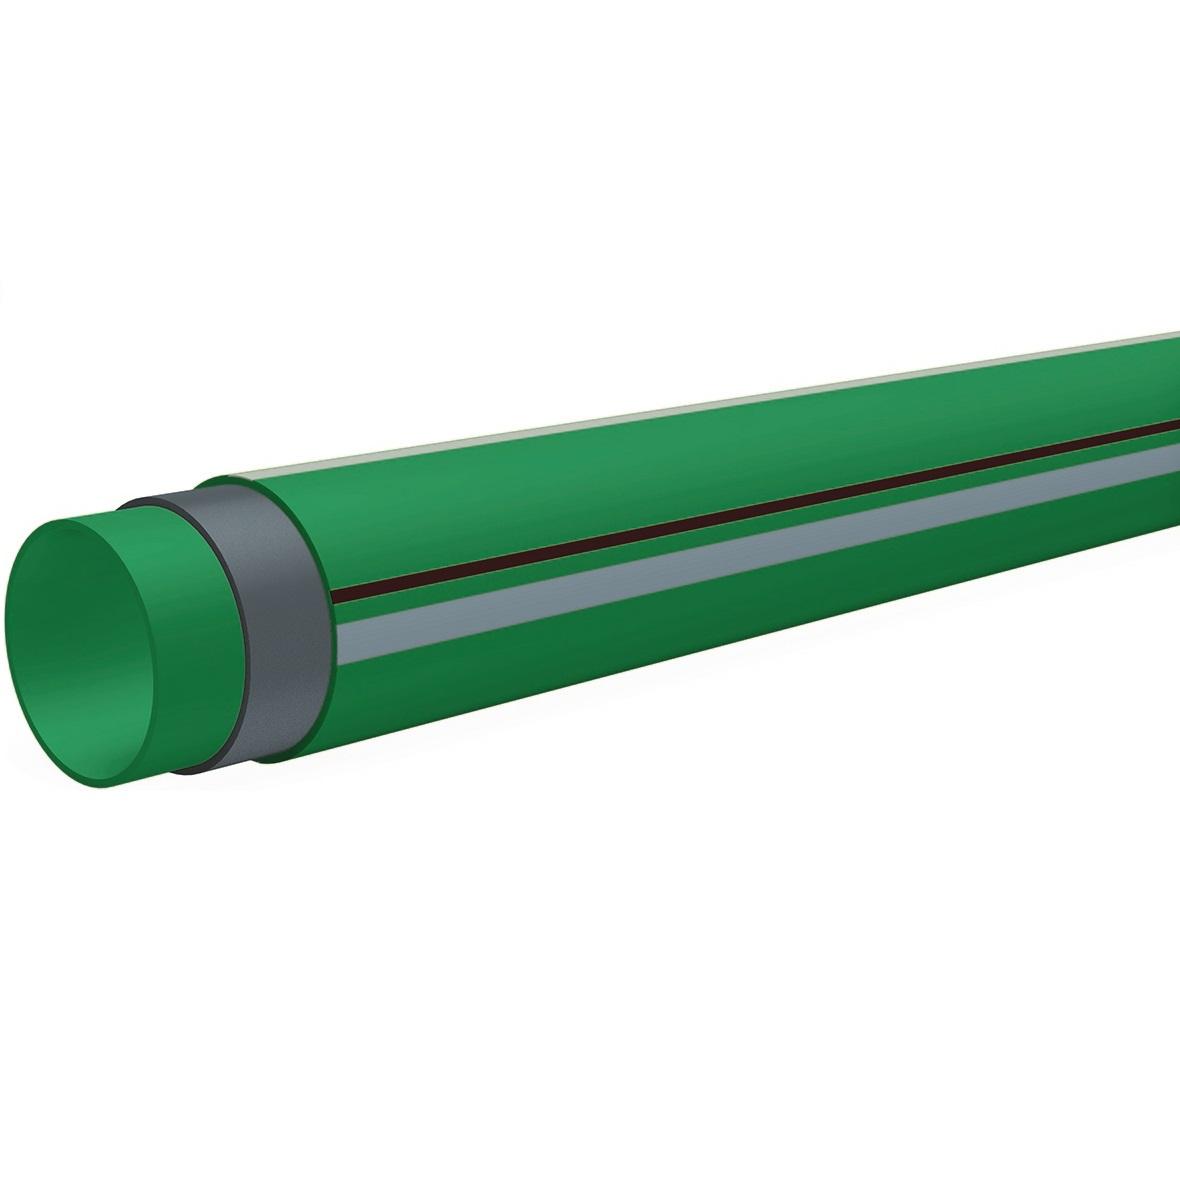 B'R Climatec PP-RCT /GLASVEZEL Buis Groen + grijze/rode streep d110x10mmx4m PN16/SDR11 7FC4144011